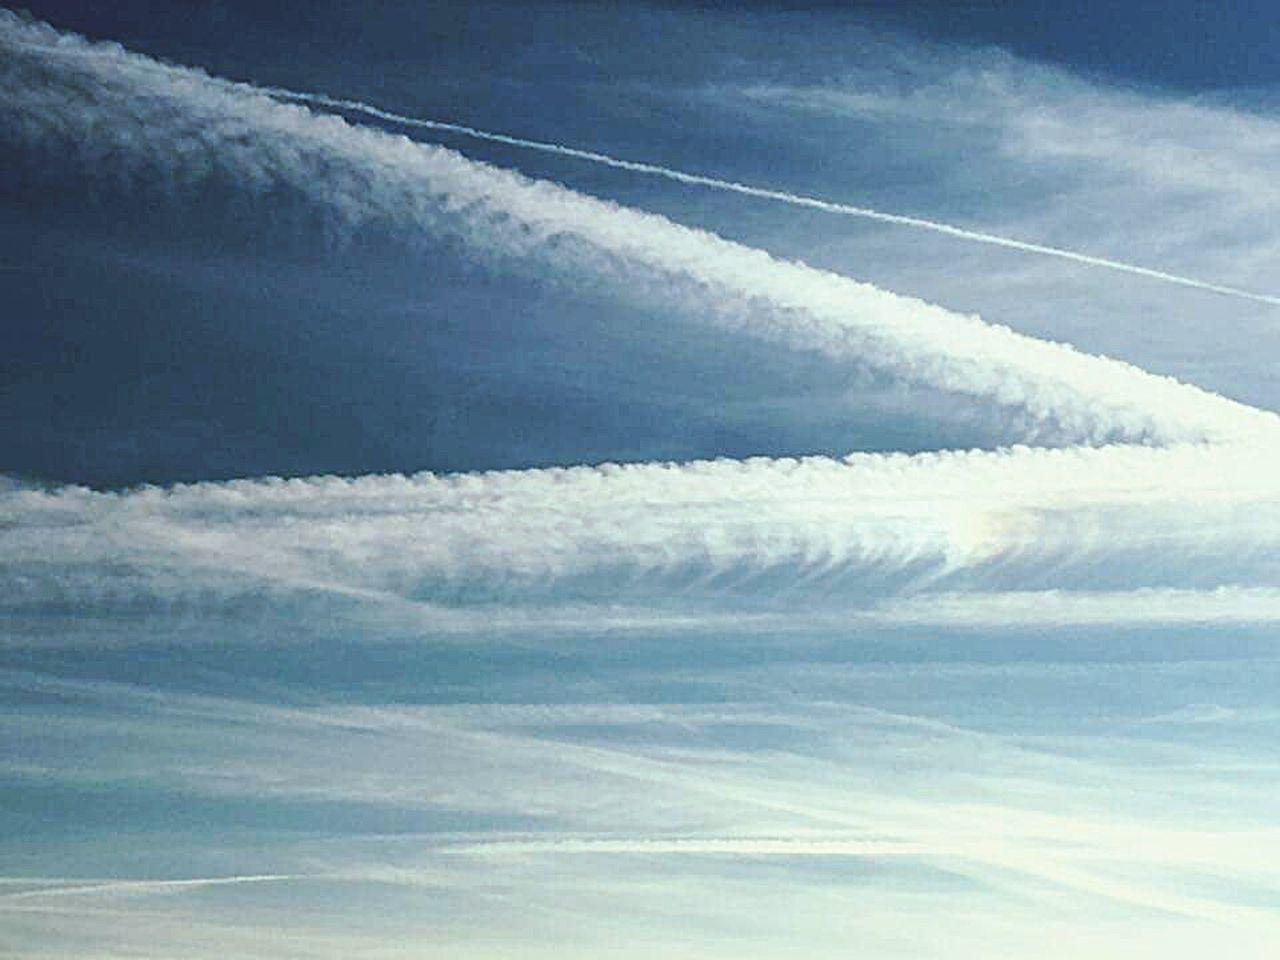 Aerosol GeoEngineering Chemical Sky Whatthefuckaretheyspraying Chemtrails